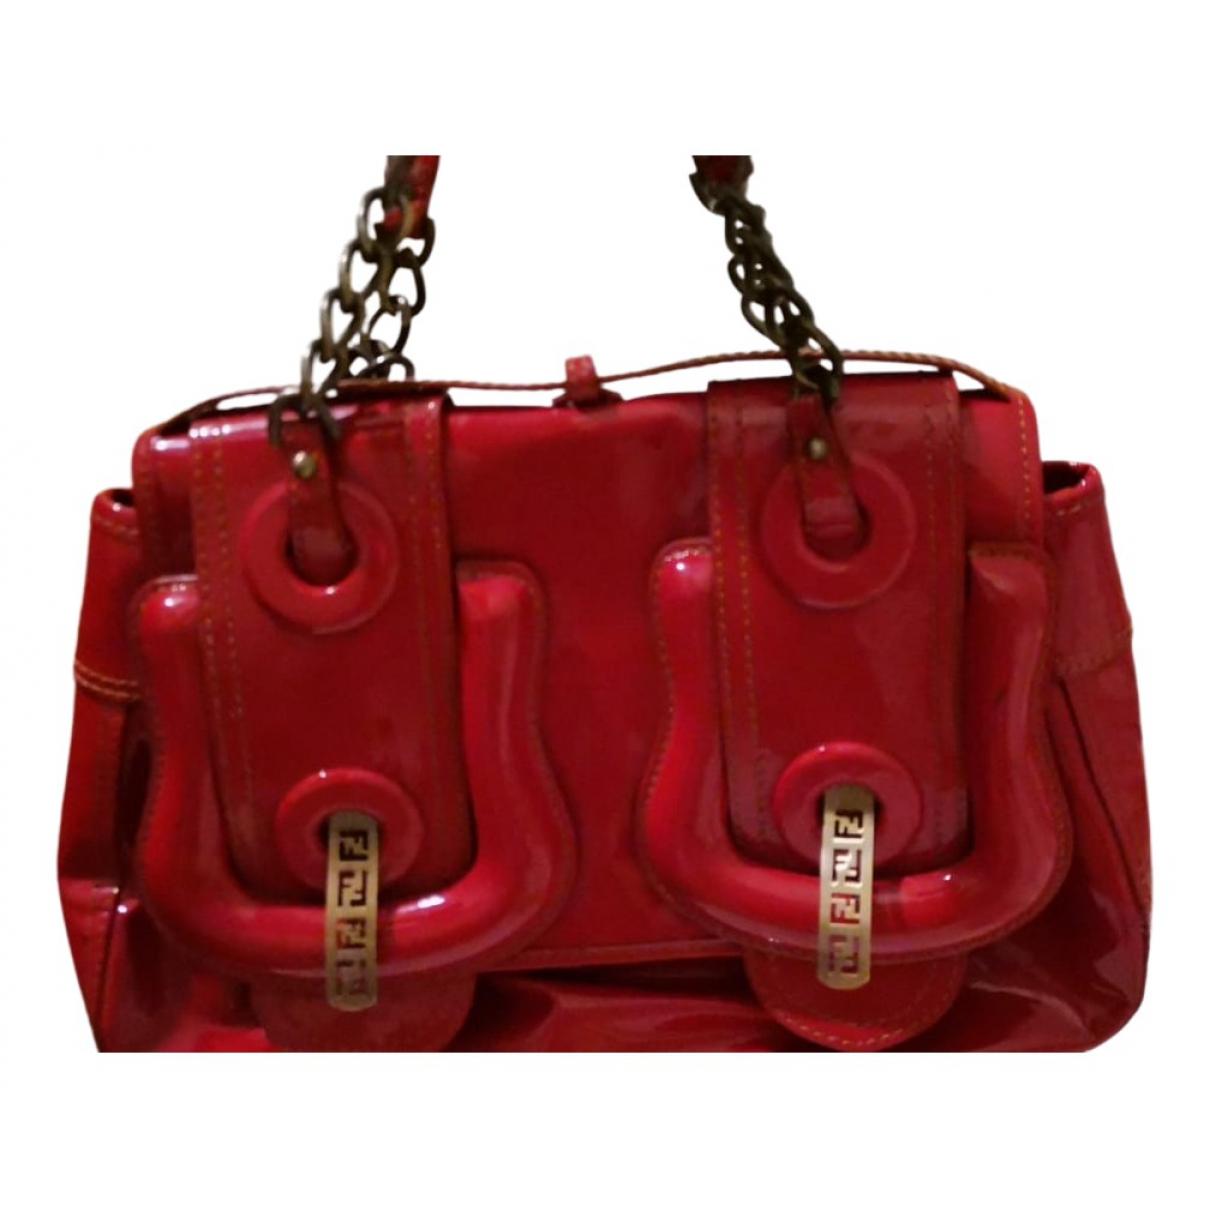 Fendi B Bag Red handbag for Women \N